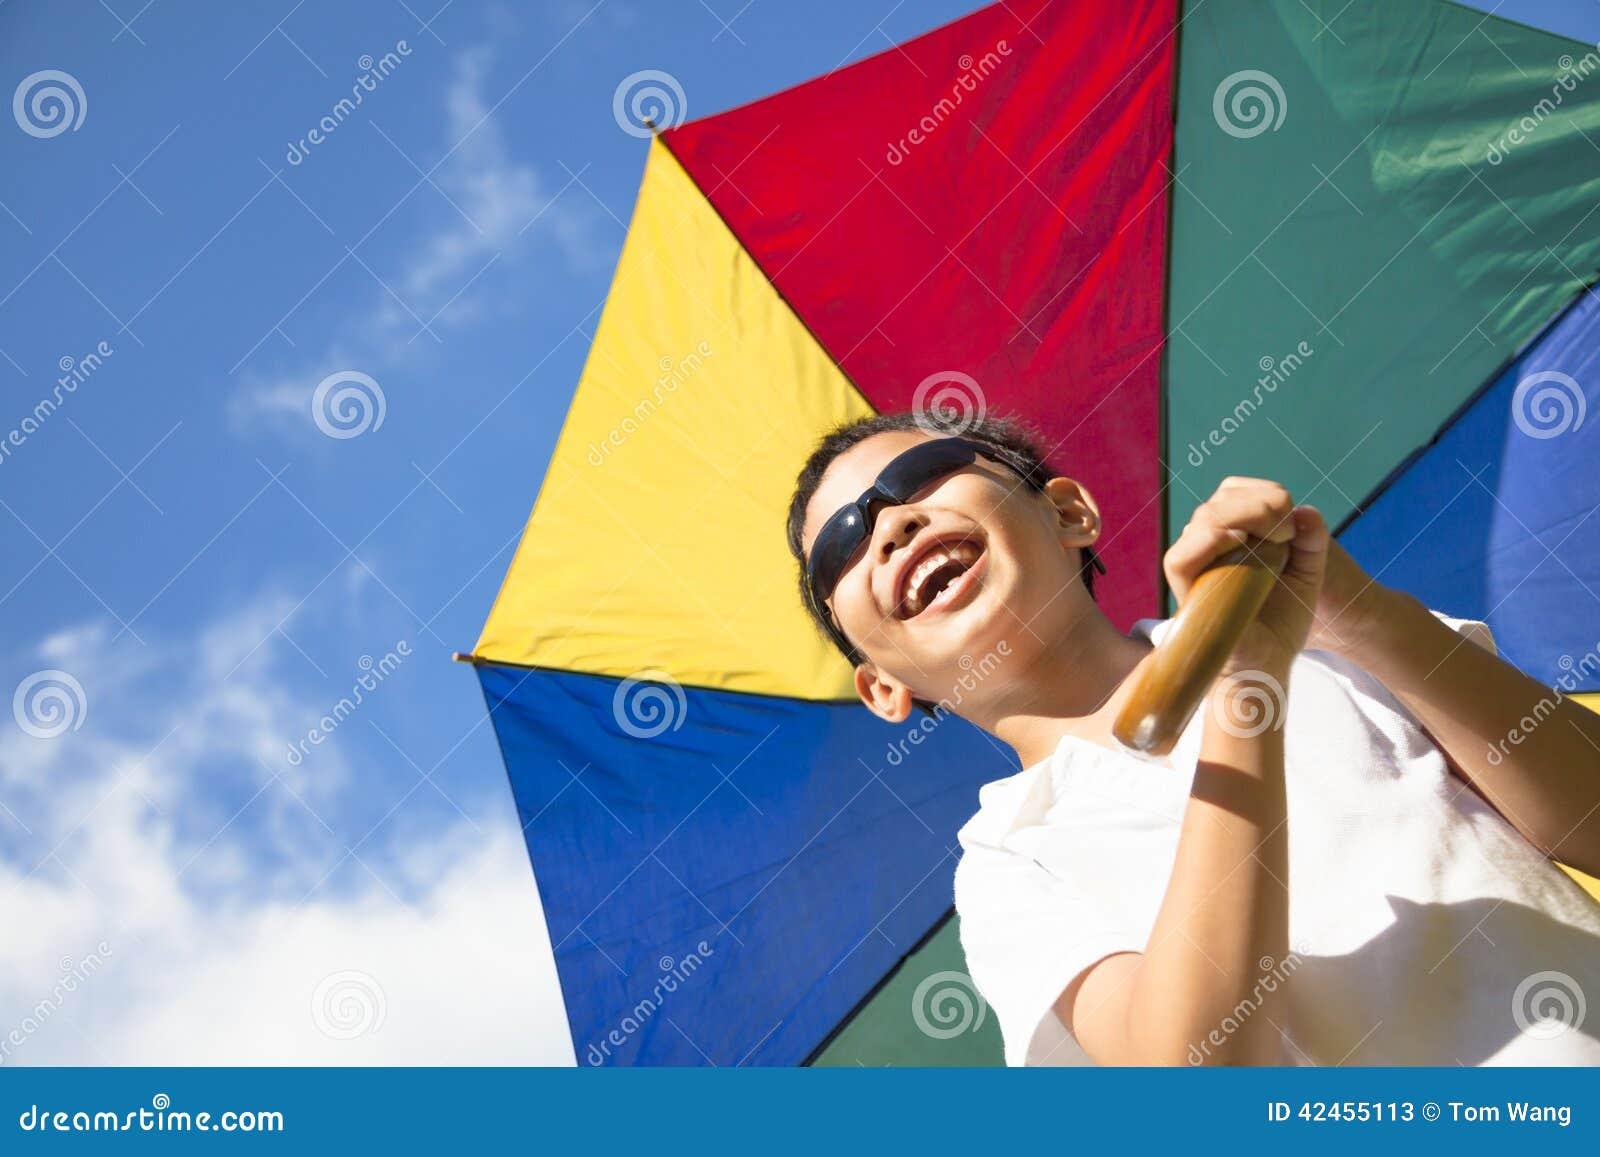 Glücklicher Griff des kleinen Jungen ein bunter Regenschirm